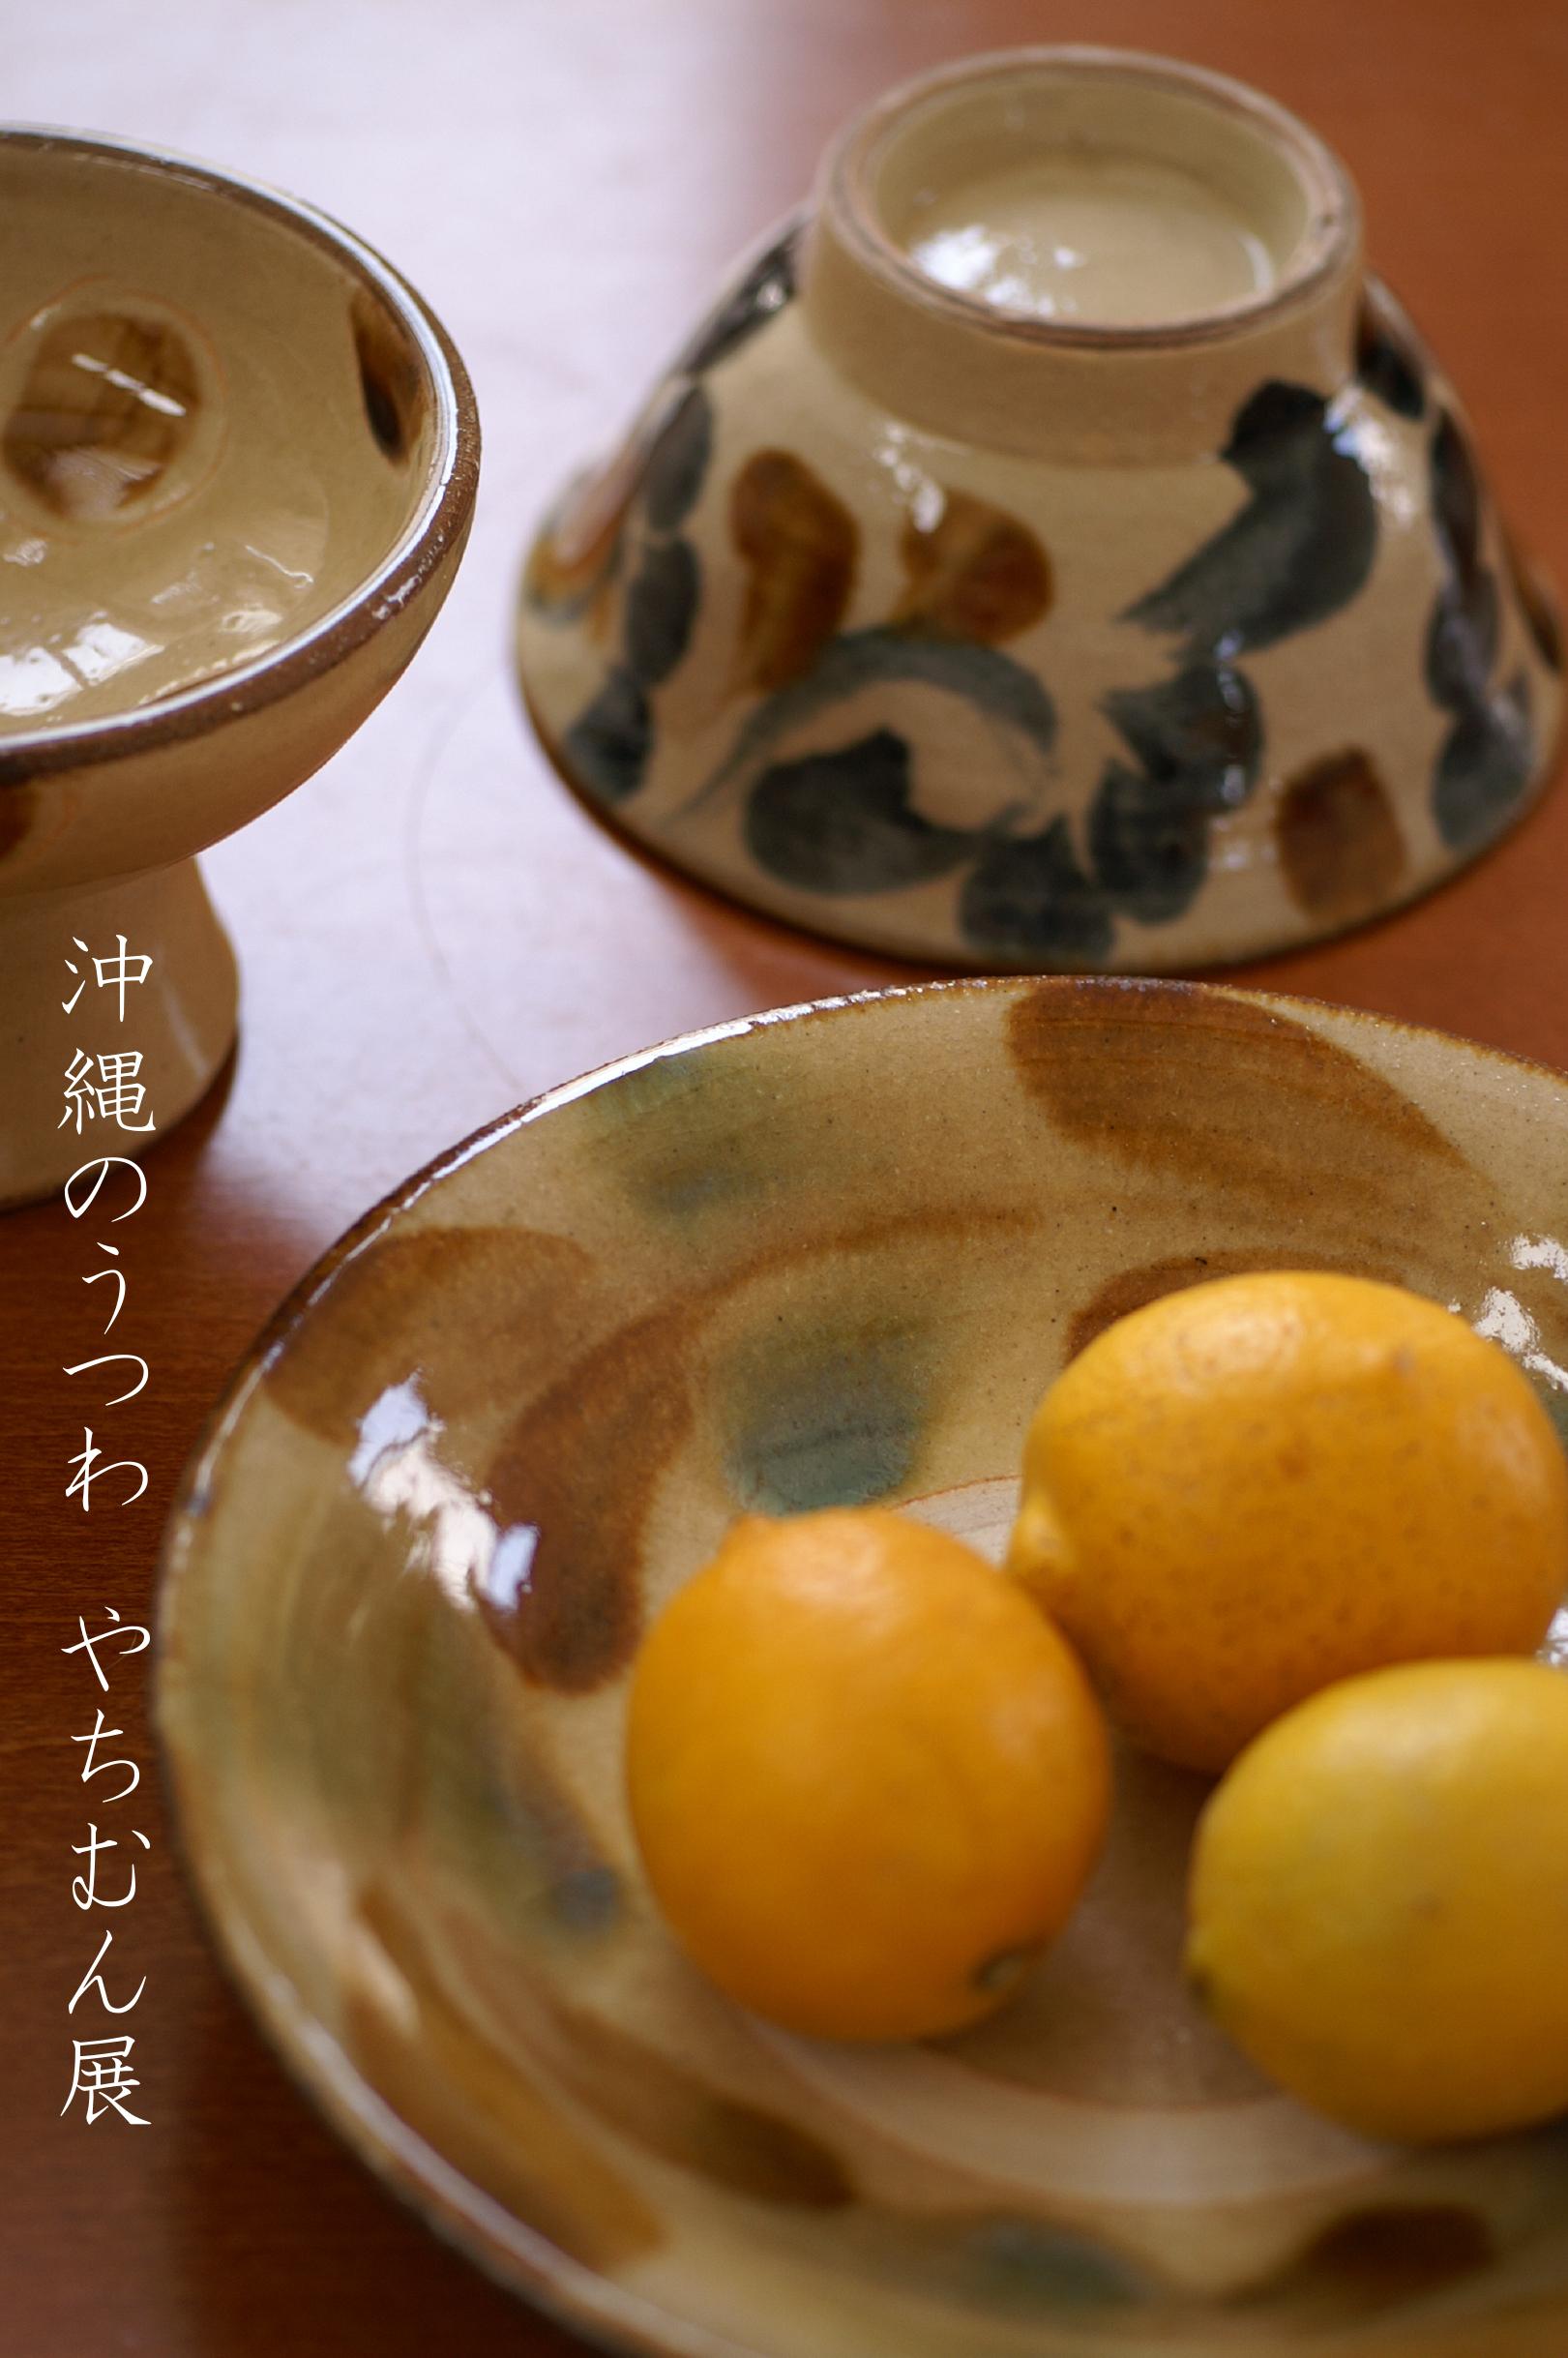 沖縄のうつわ やちむん展 2007.4.13~